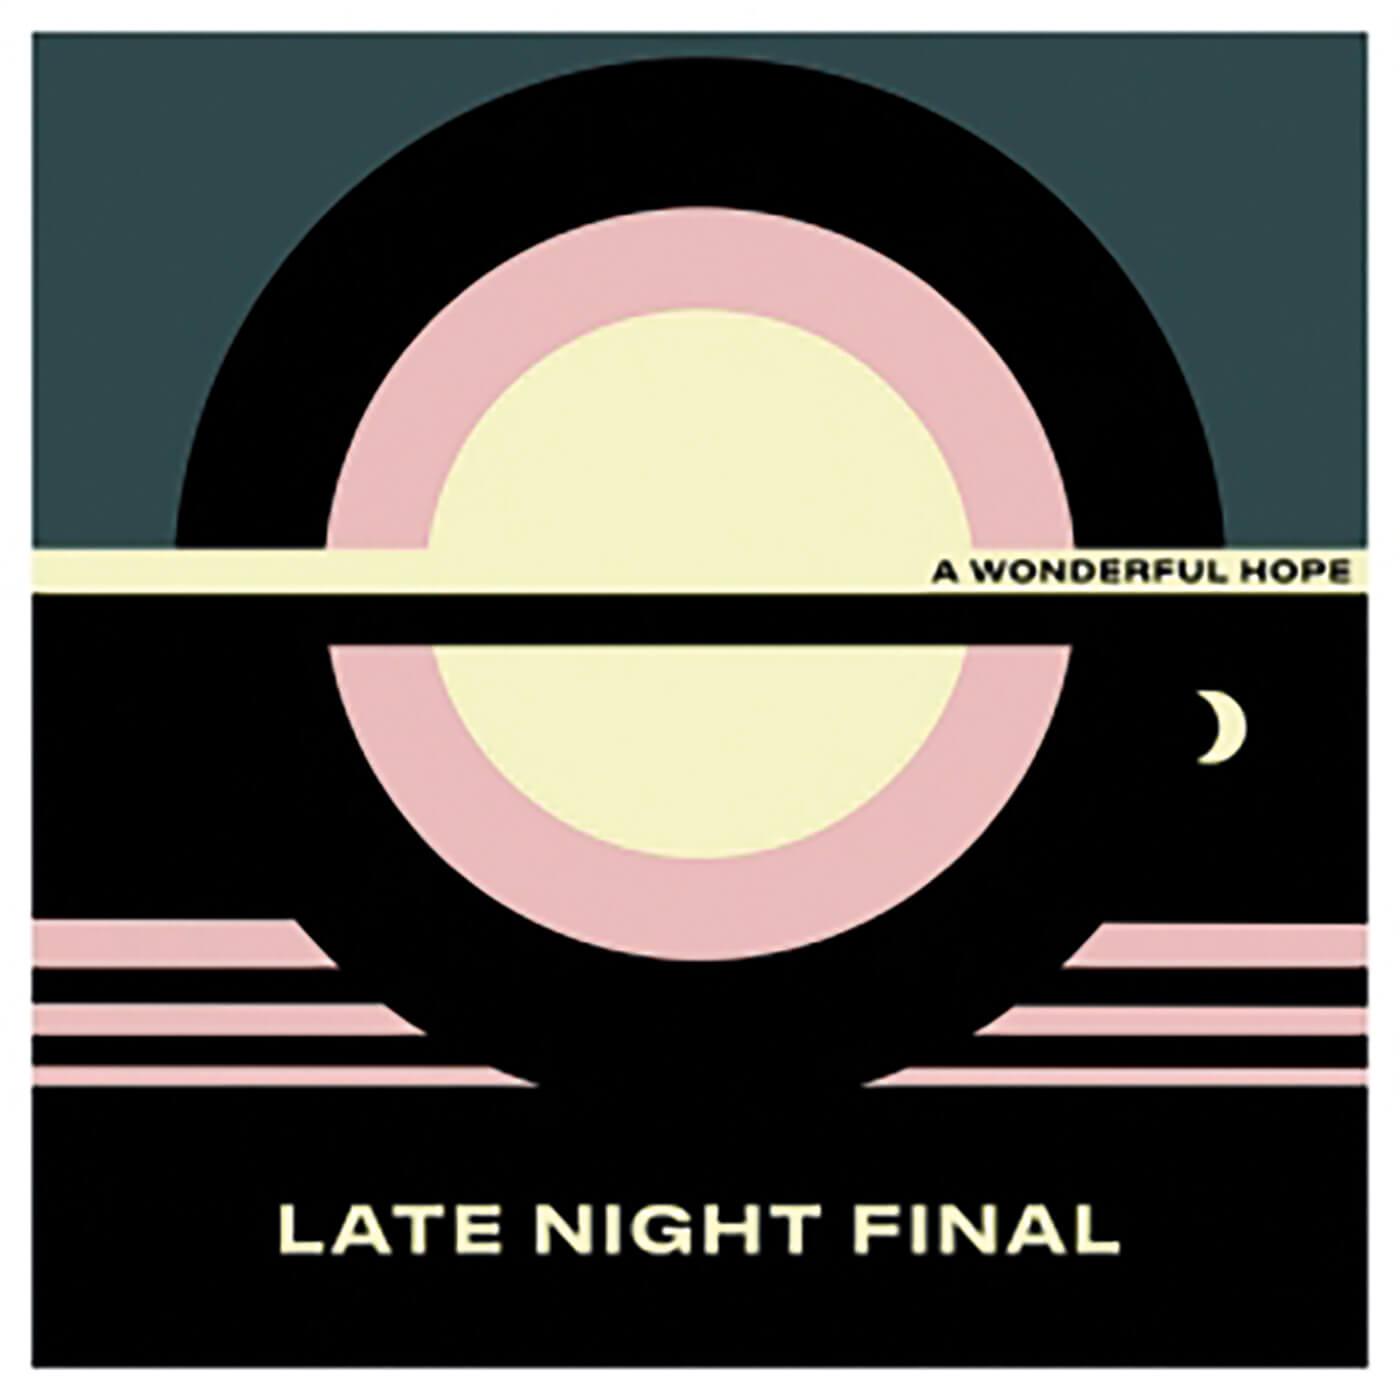 Late Night Final